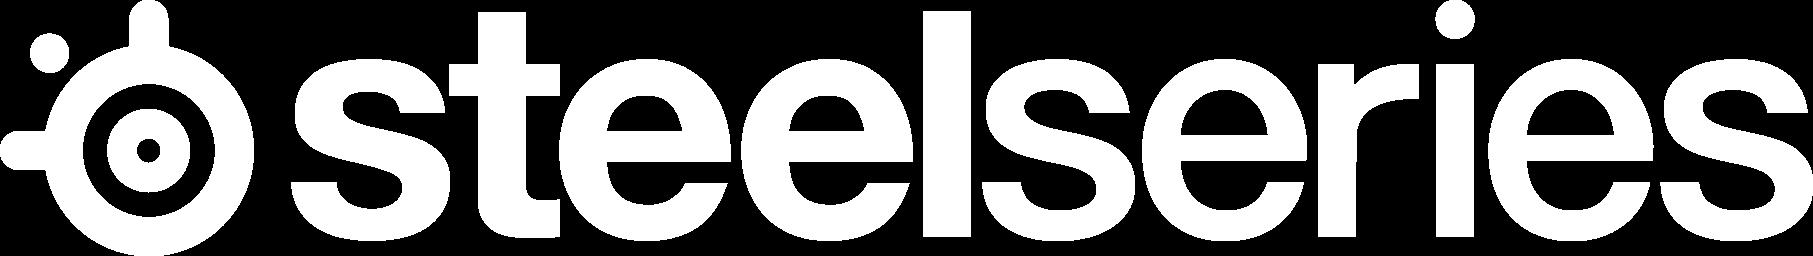 Steelllleee